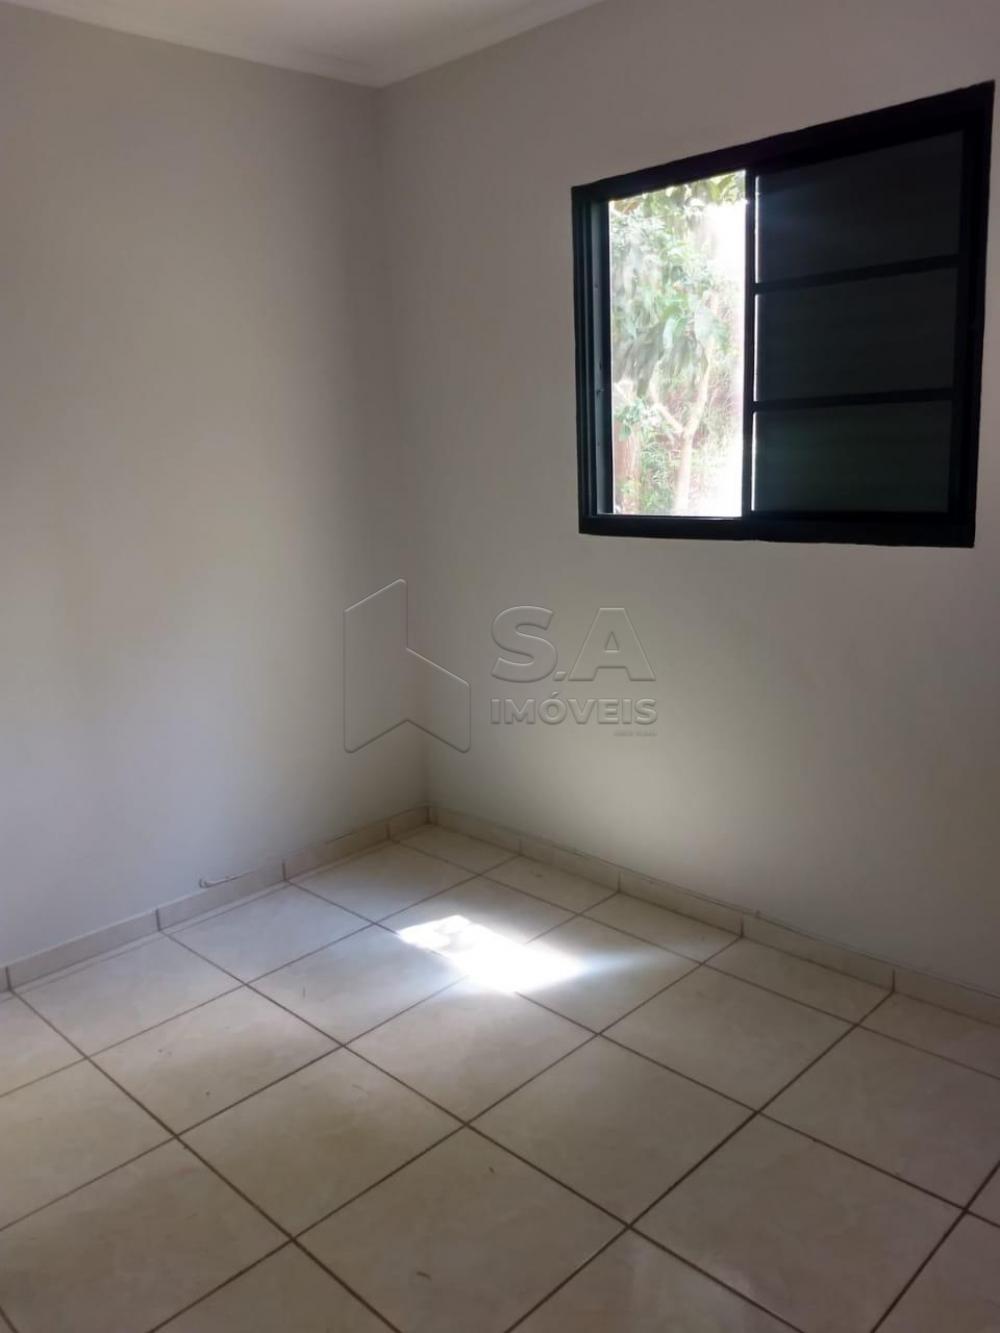 Comprar Apartamento / Padrão em Botucatu apenas R$ 115.000,00 - Foto 5